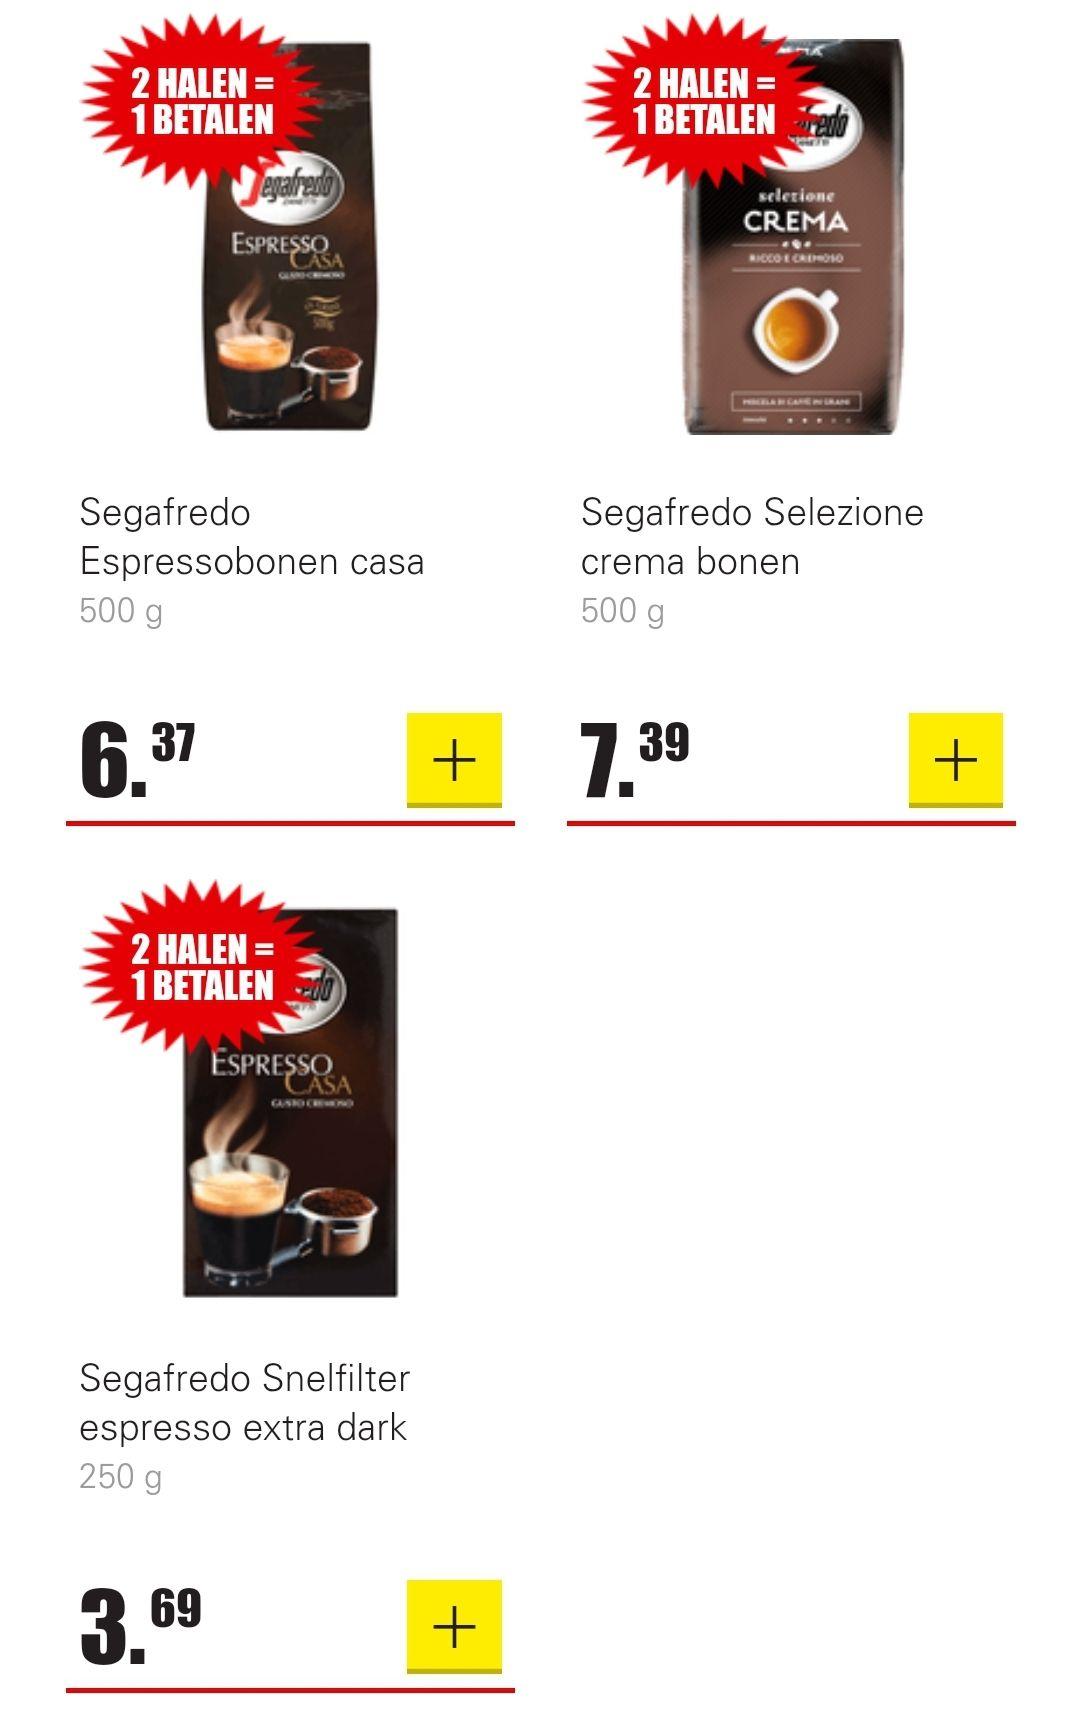 Segrafedo koffiebonen en snelfiltermaling 1+1 gratis